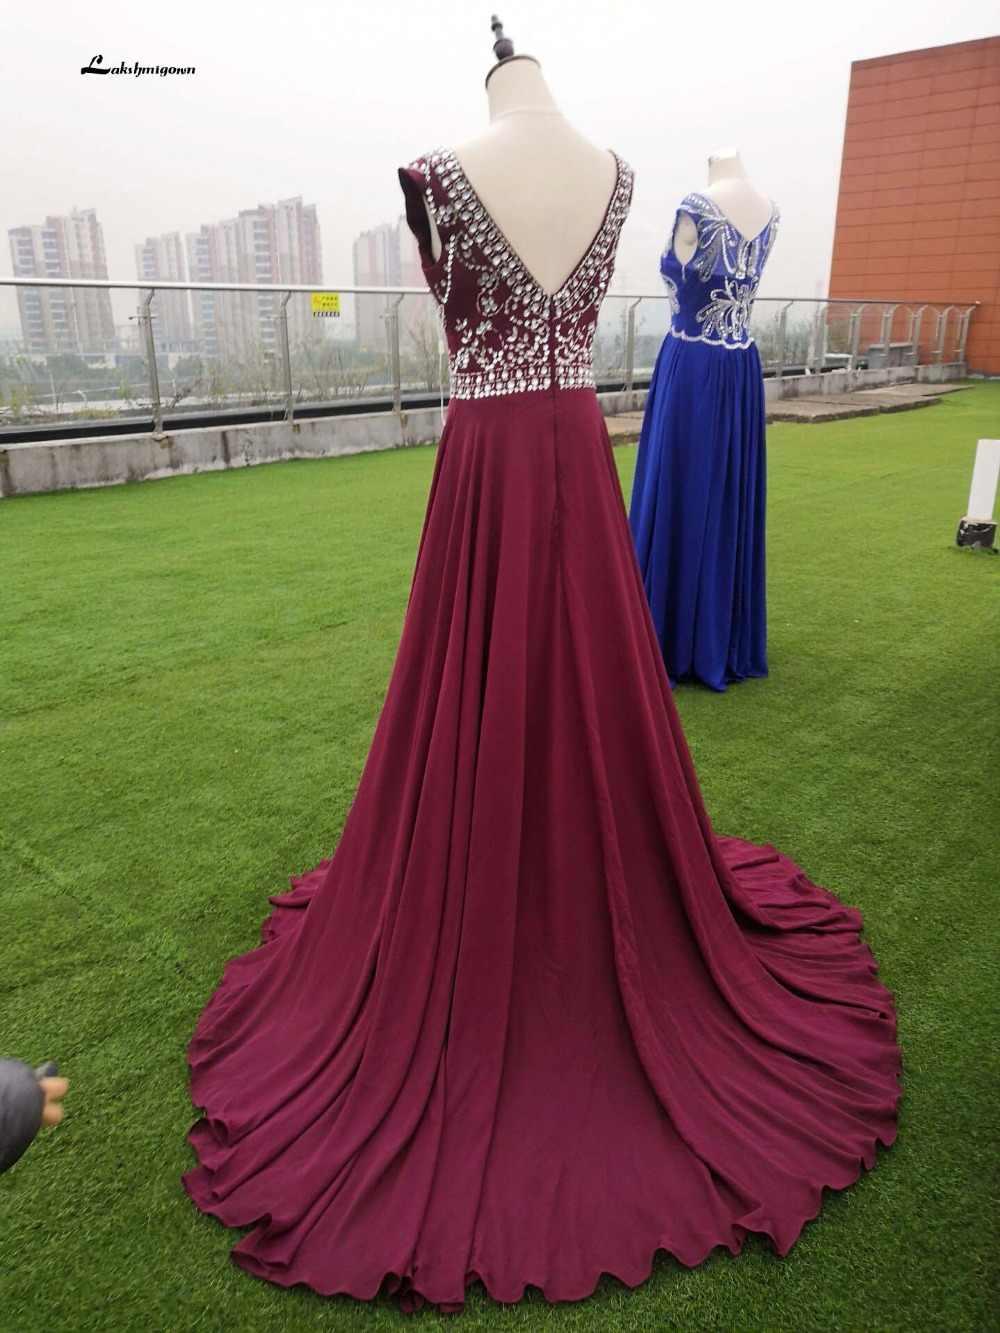 Vestidos de gala платья для выпускного вечера с кристаллами и бисером 2019 длинные дешевые вечерние платья vestido de festa платье для выпускного вечера robe de soiree